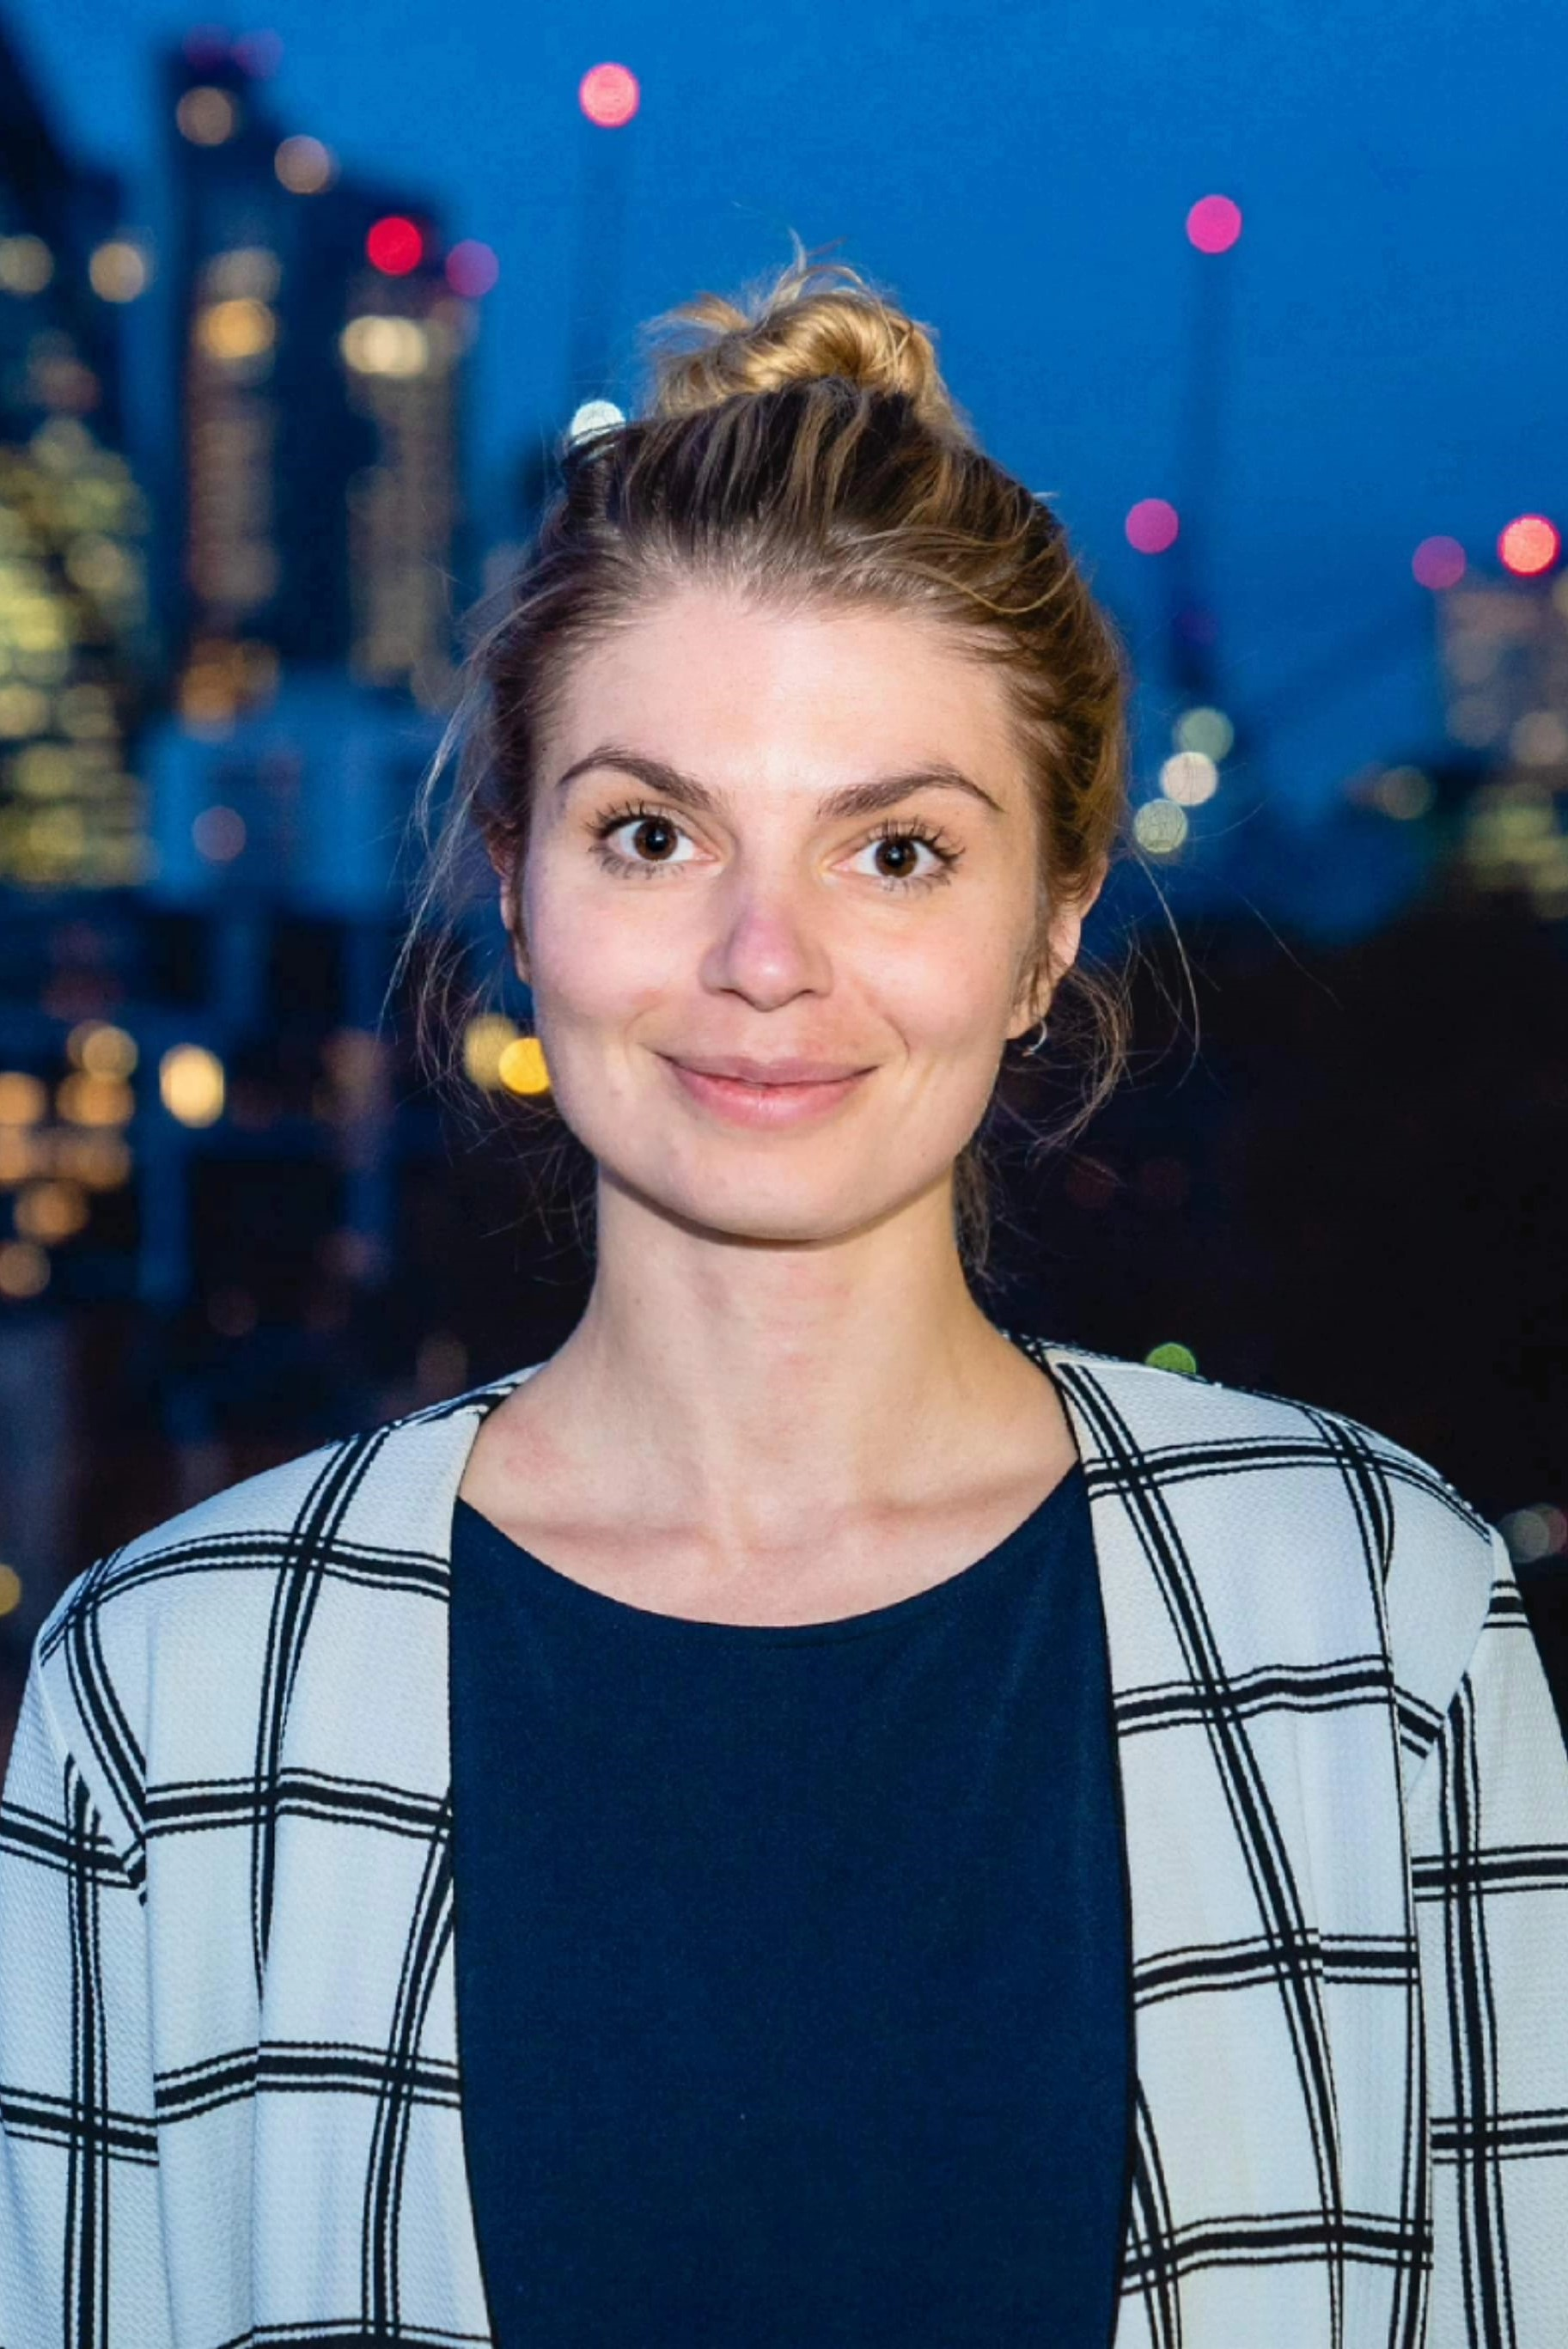 Anne-Lynn Dudenhöfer